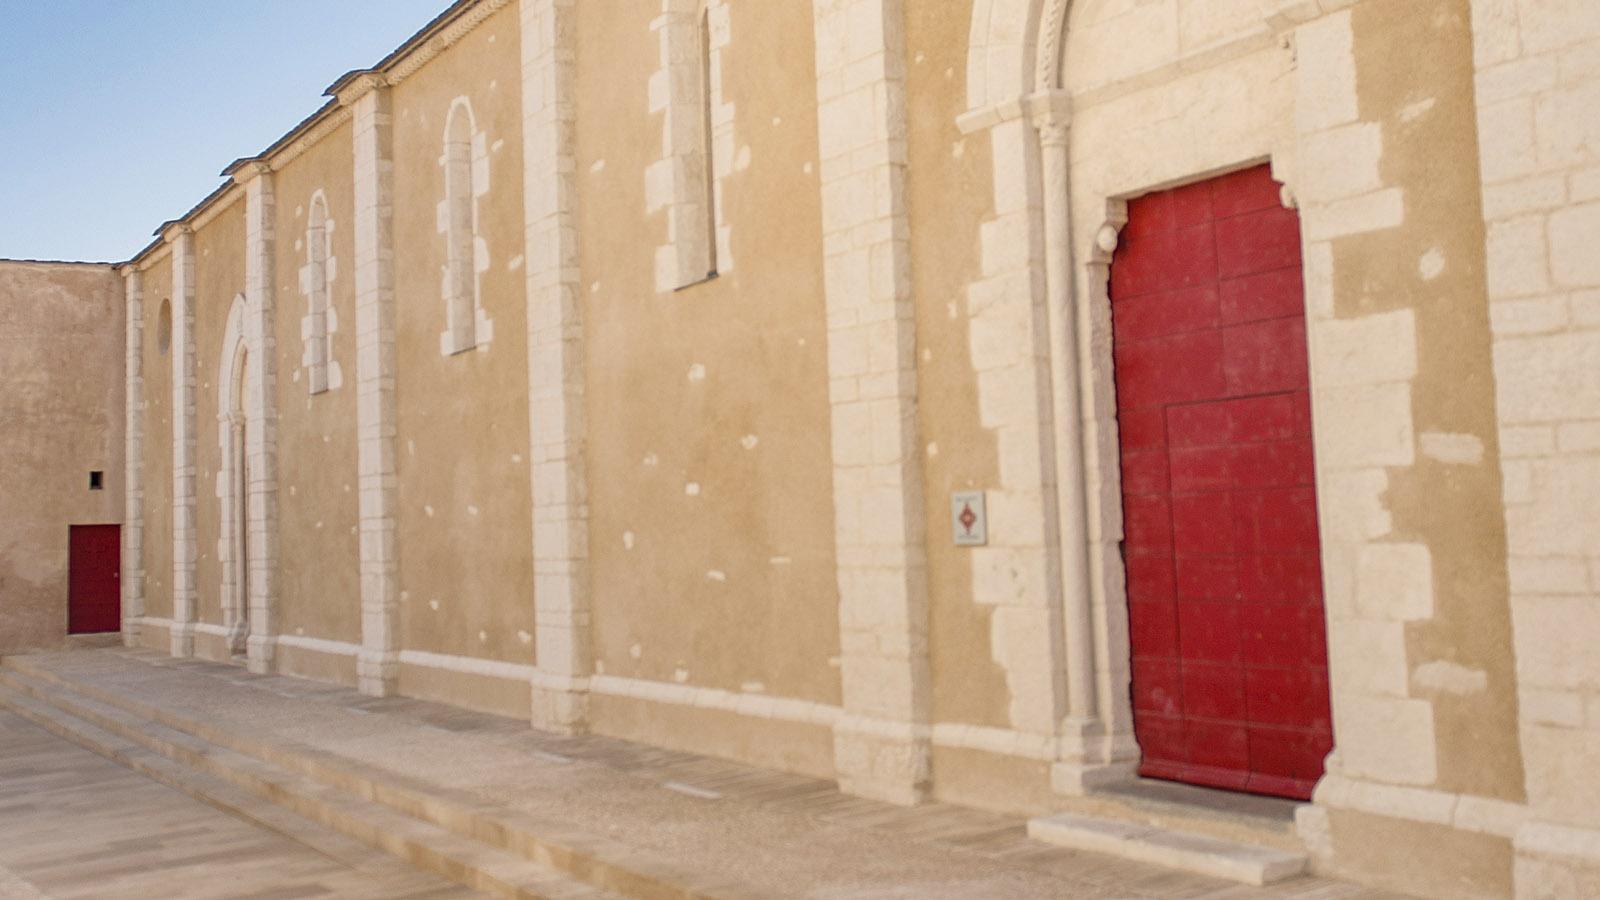 Bonifacio: Église Saint-Dominique. Foto: Hilke Maunder